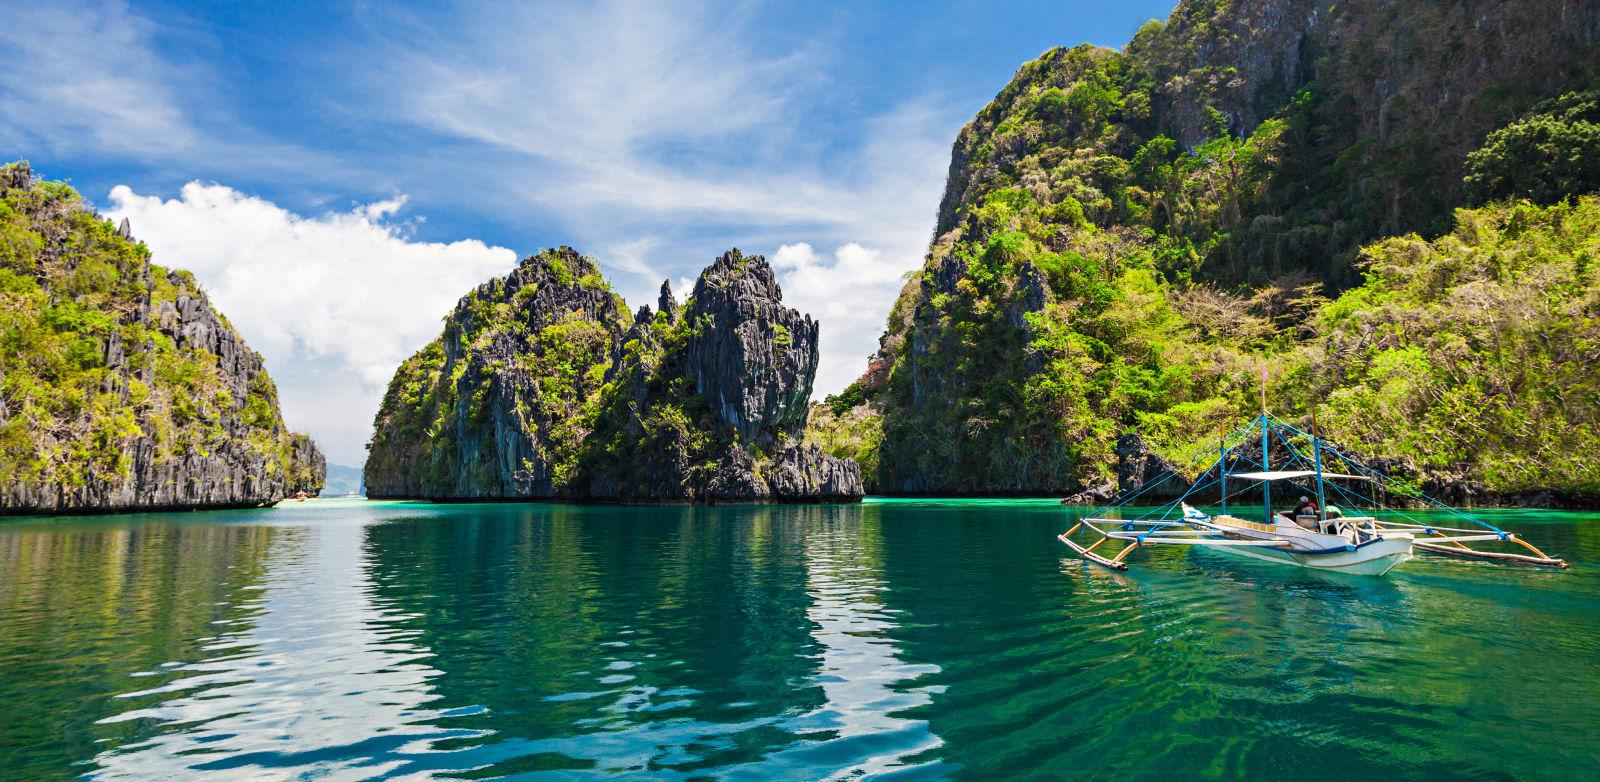 Phalawan in Philippinen